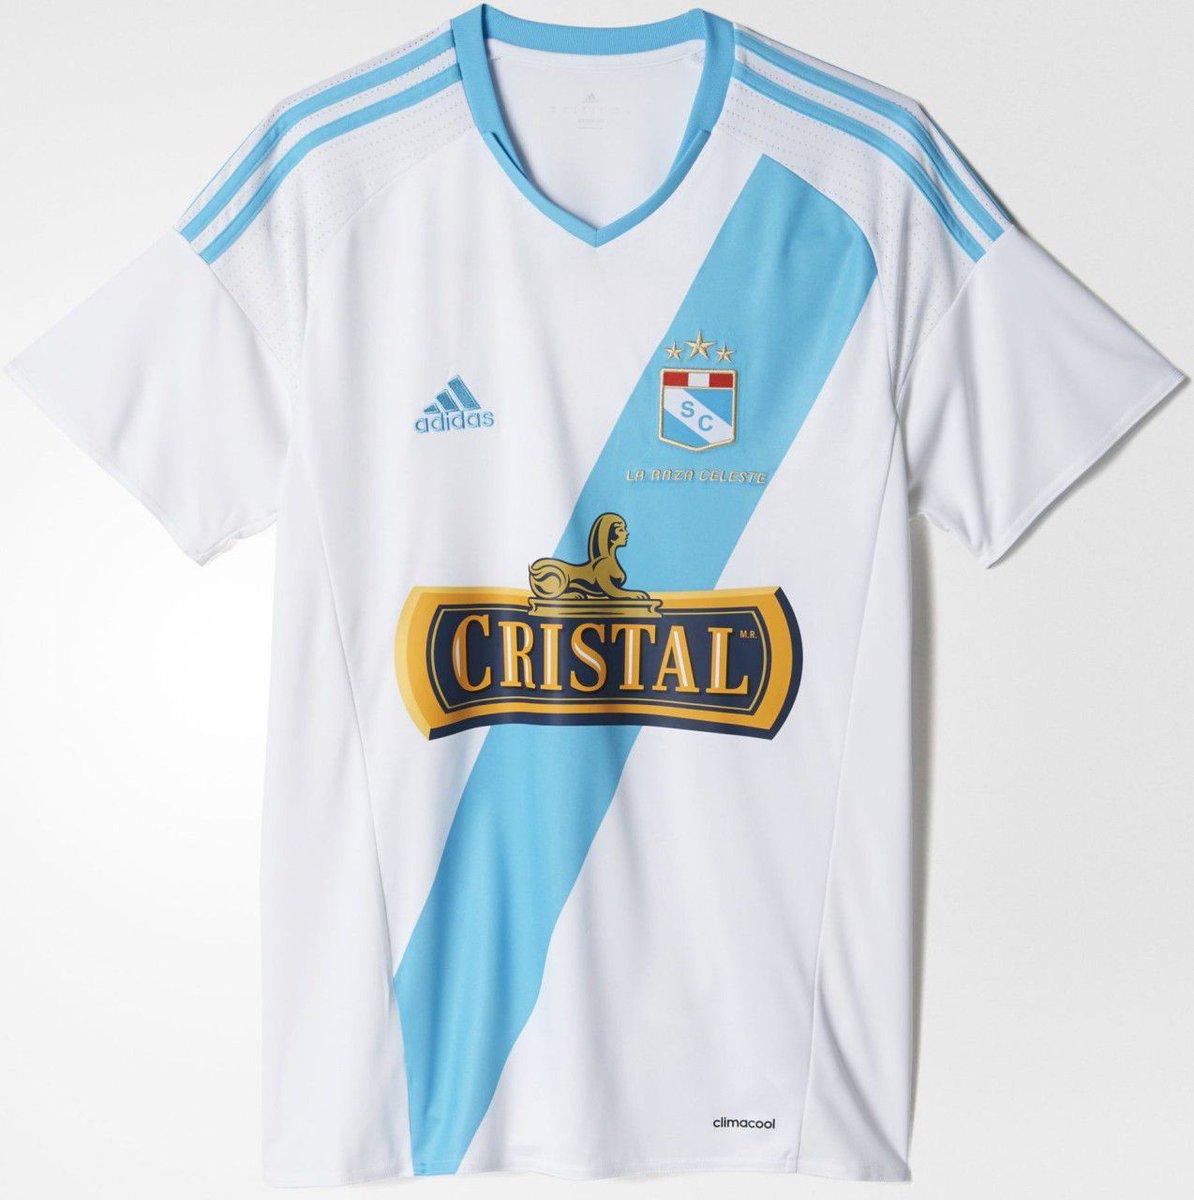 c40433685a Adidas divulga nova camisa reserva do Sporting Cristal - Show de Camisas